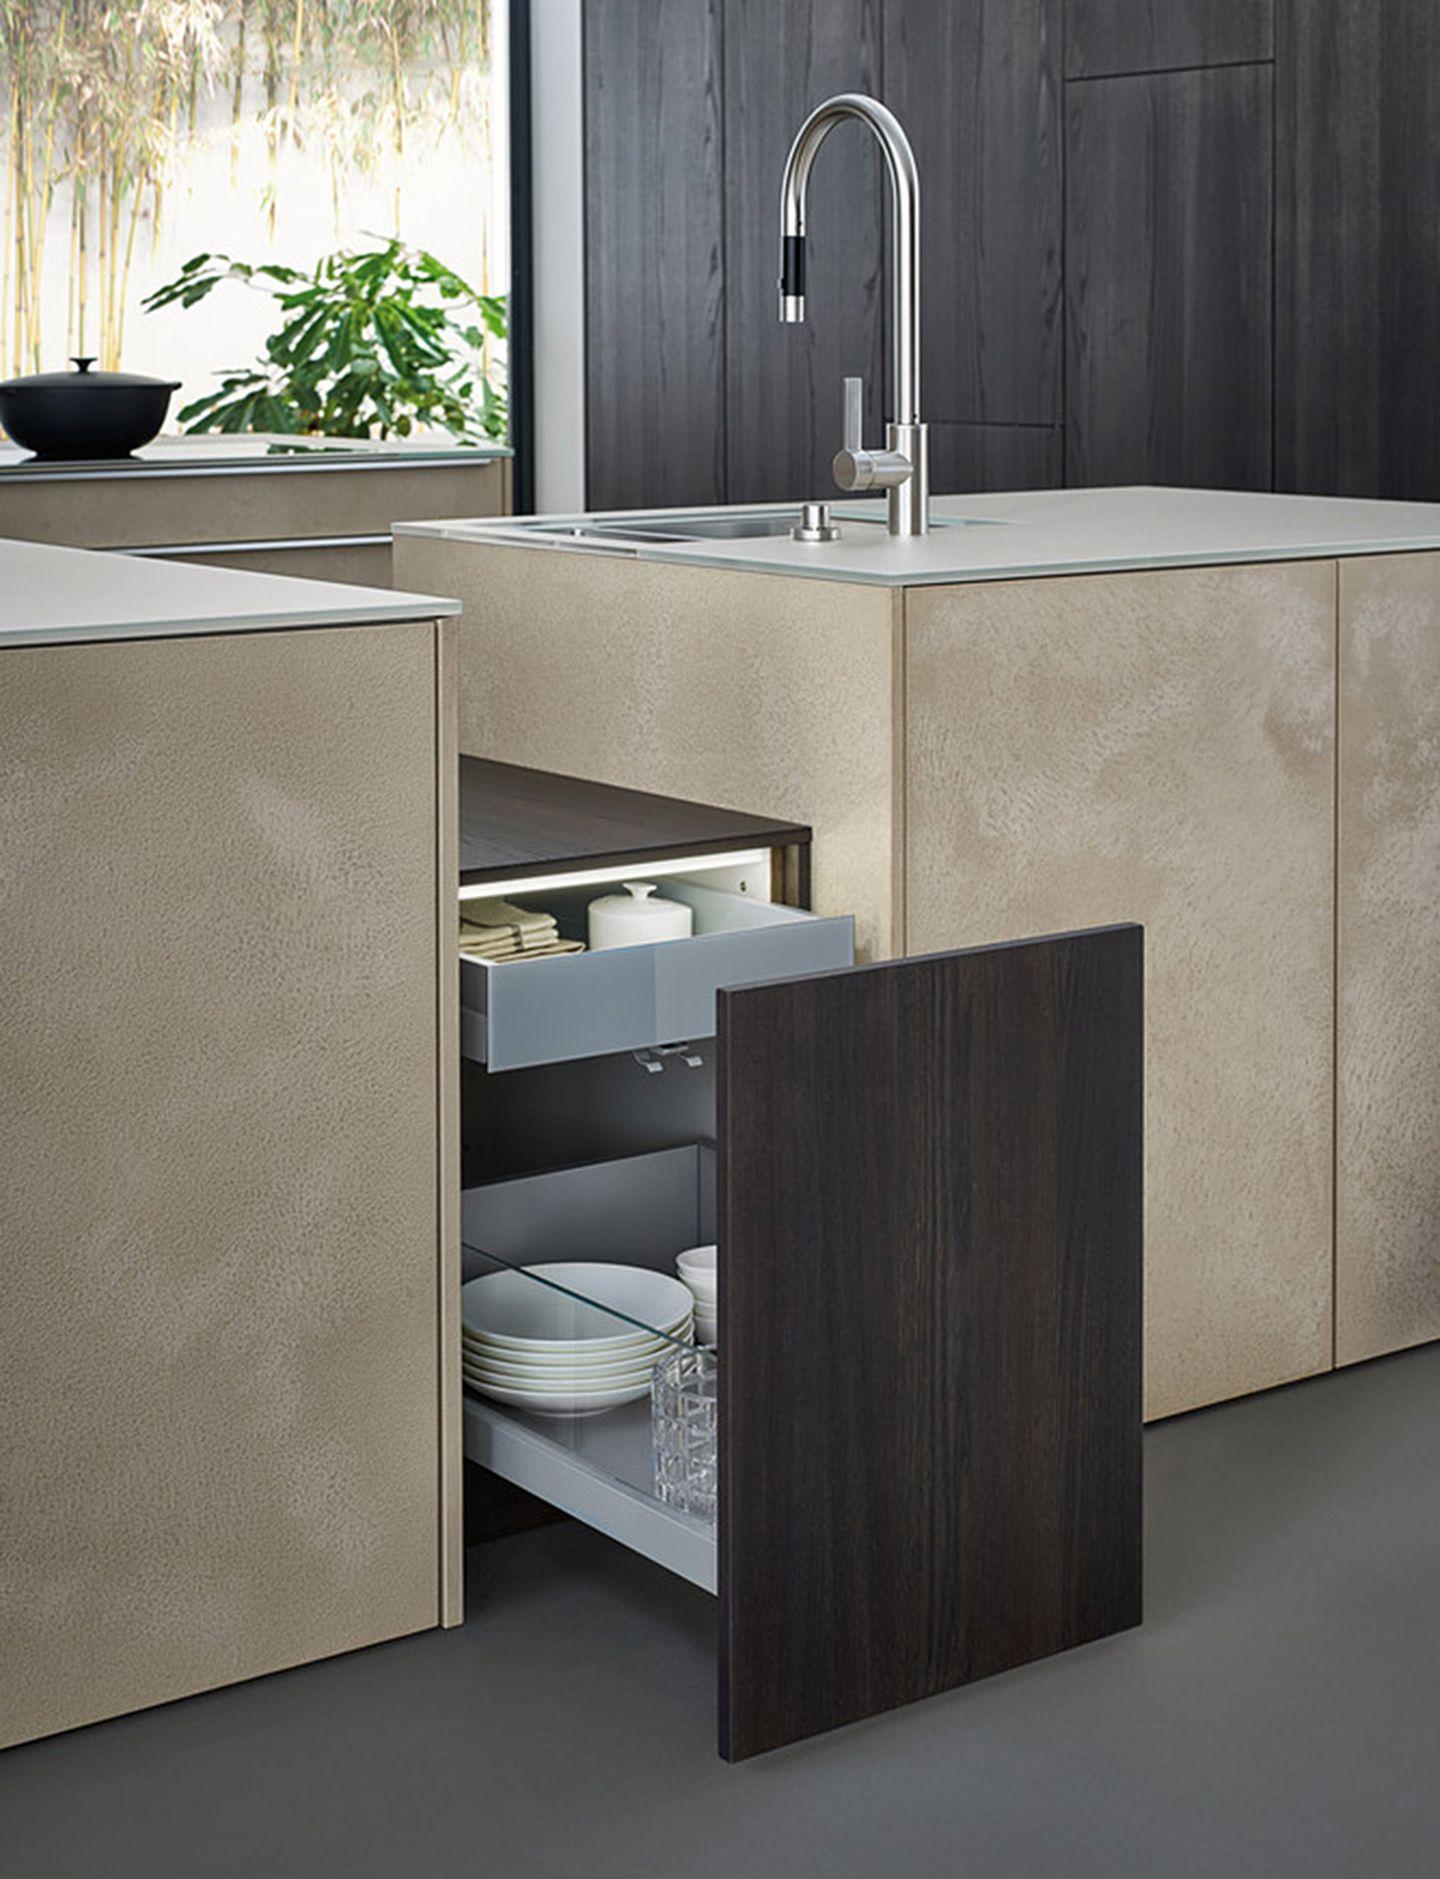 Materialien Stein Leicht Küche